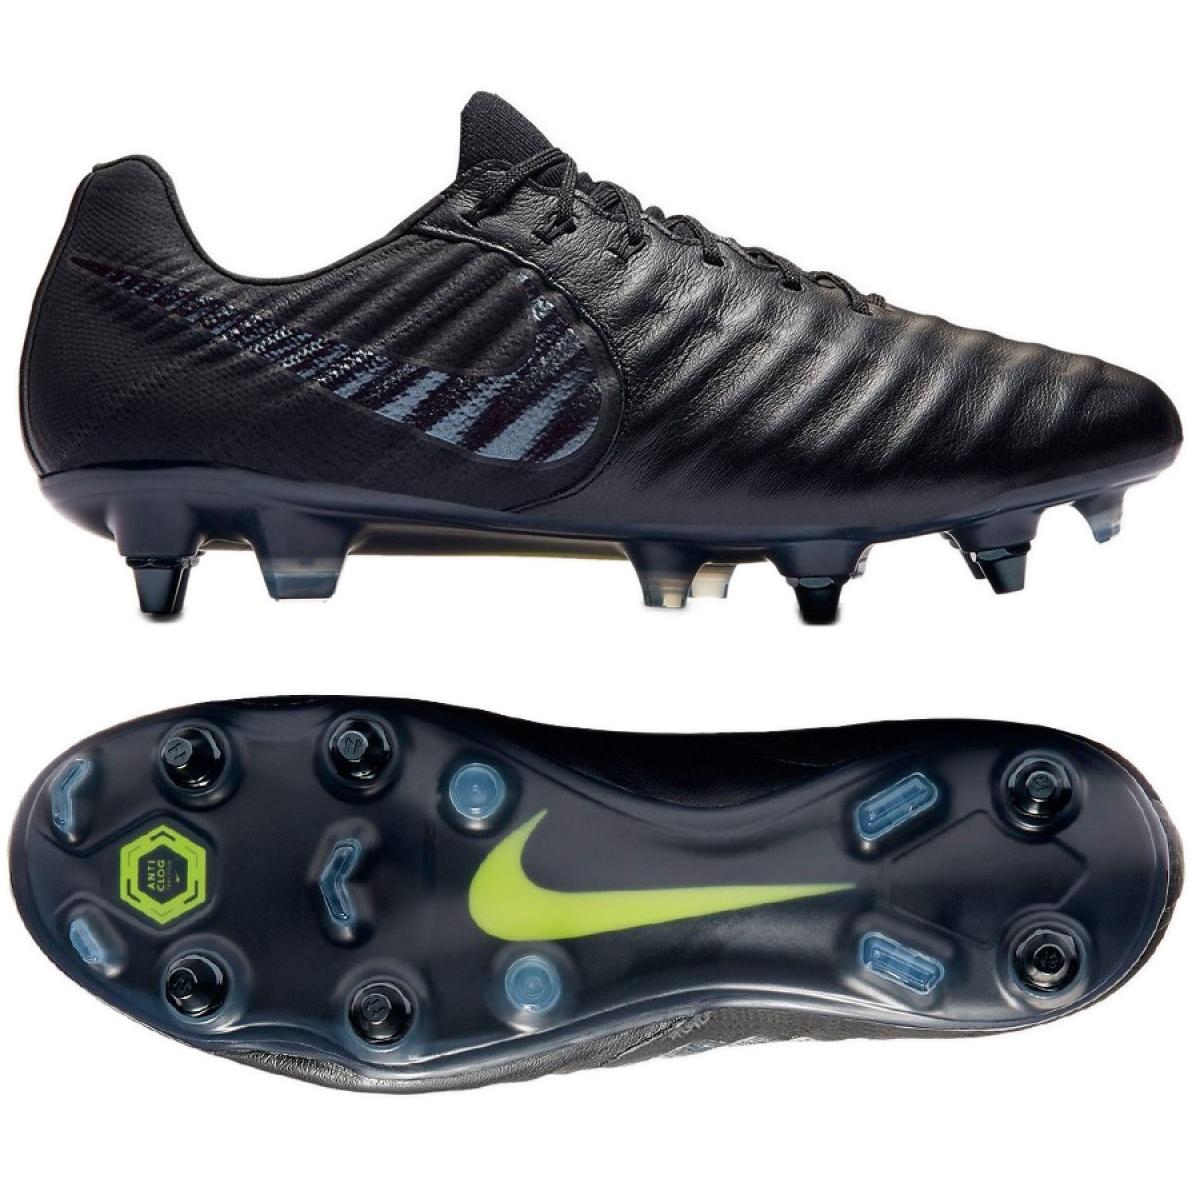 Fussballschuhe Nike Tiempo Legend 7 Elite Sg Pro Ac M Ar4387 001 Schwarz Schwarz